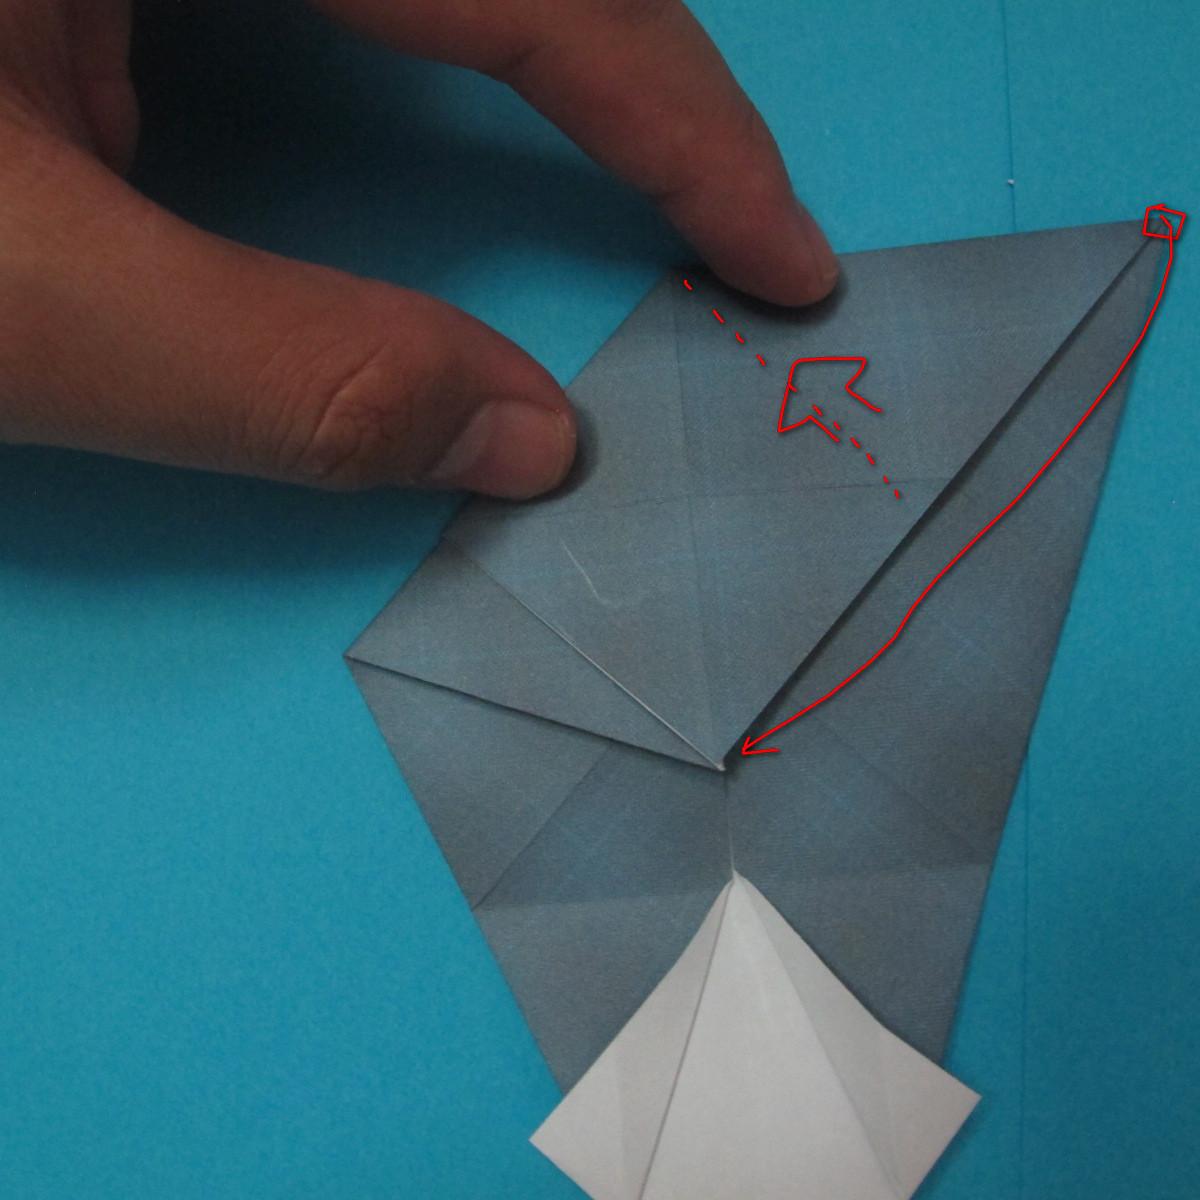 วิธีการพับกระดาษเป็นรูปนกเค้าแมว 014